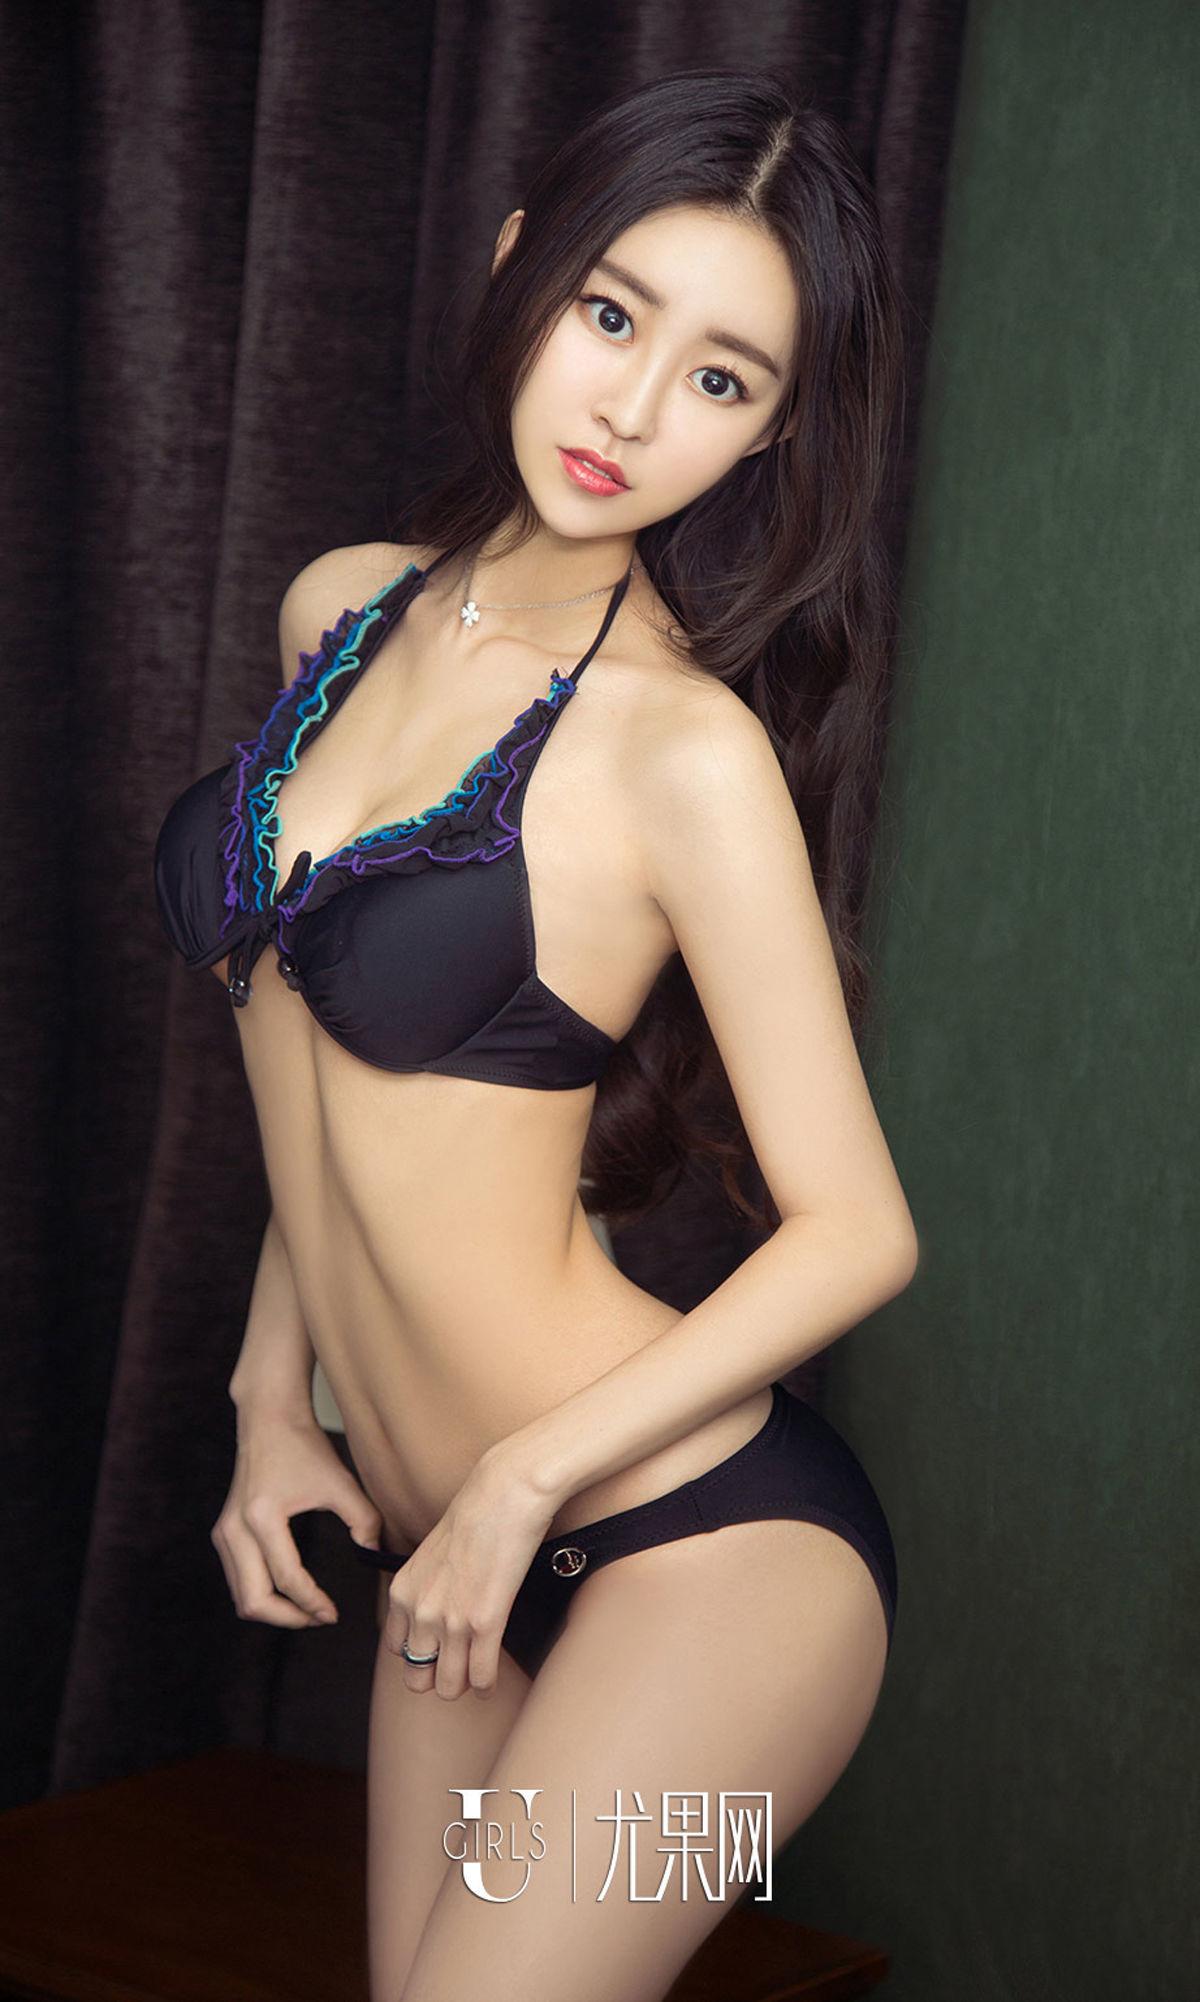 李沐沐 - 清爽初夏 写真套图